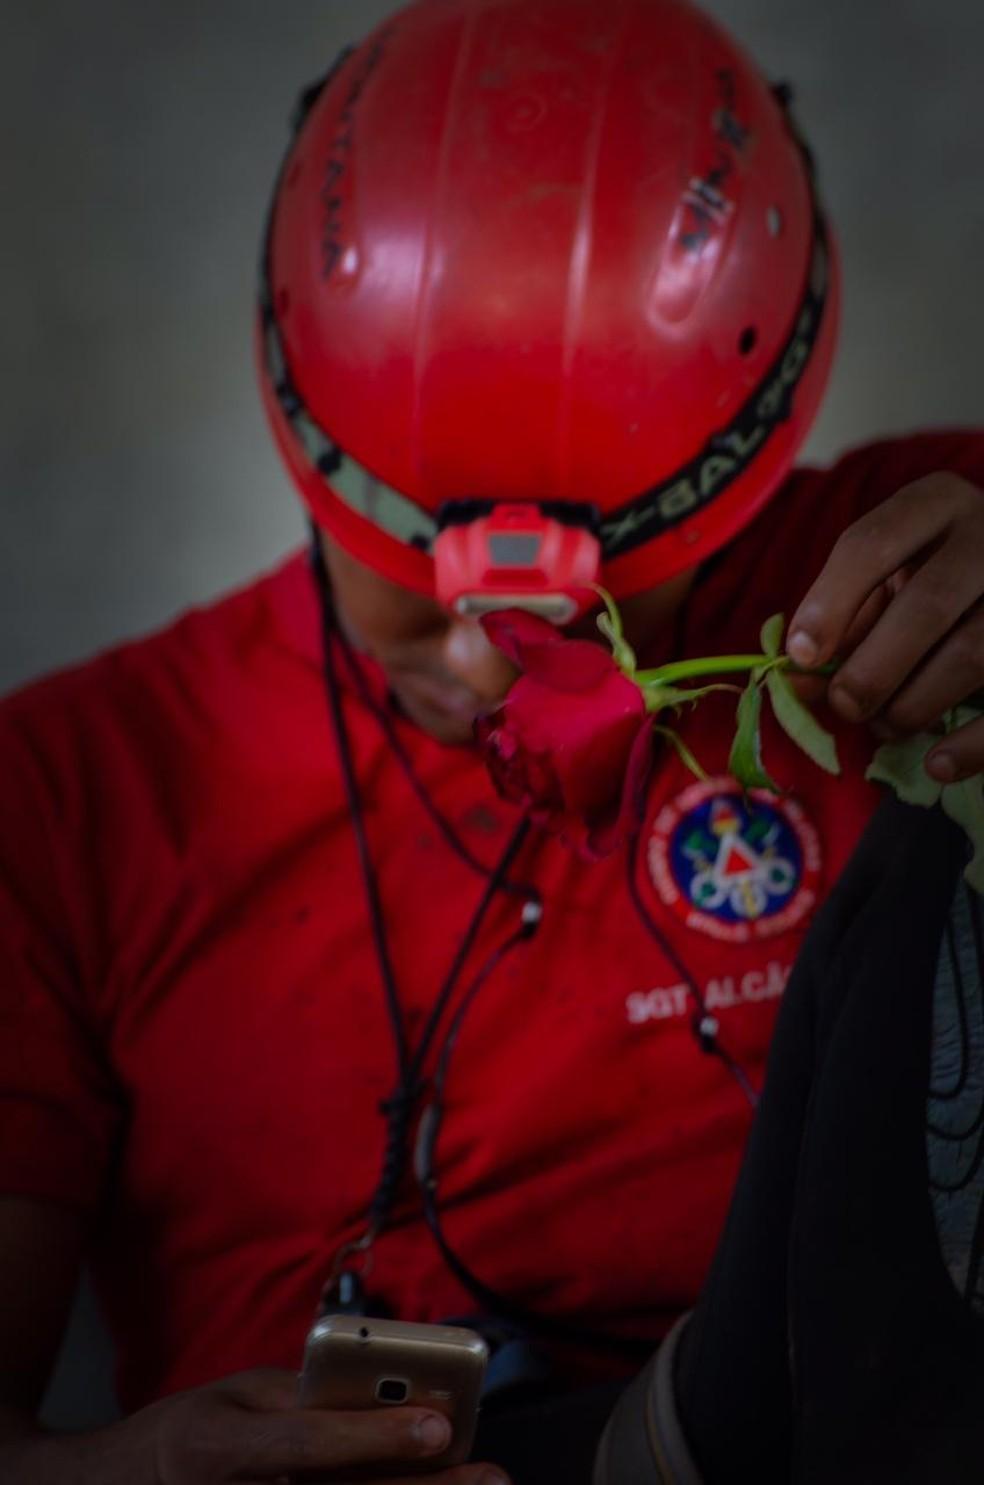 Bombeiro recebe rosa de voluntário após chuva de pétalas que a corporação lançou de helicópteros para homenagear vítimas de Brumadinho — Foto: Victor Hugo Bigoli/Arquivo Pessoal